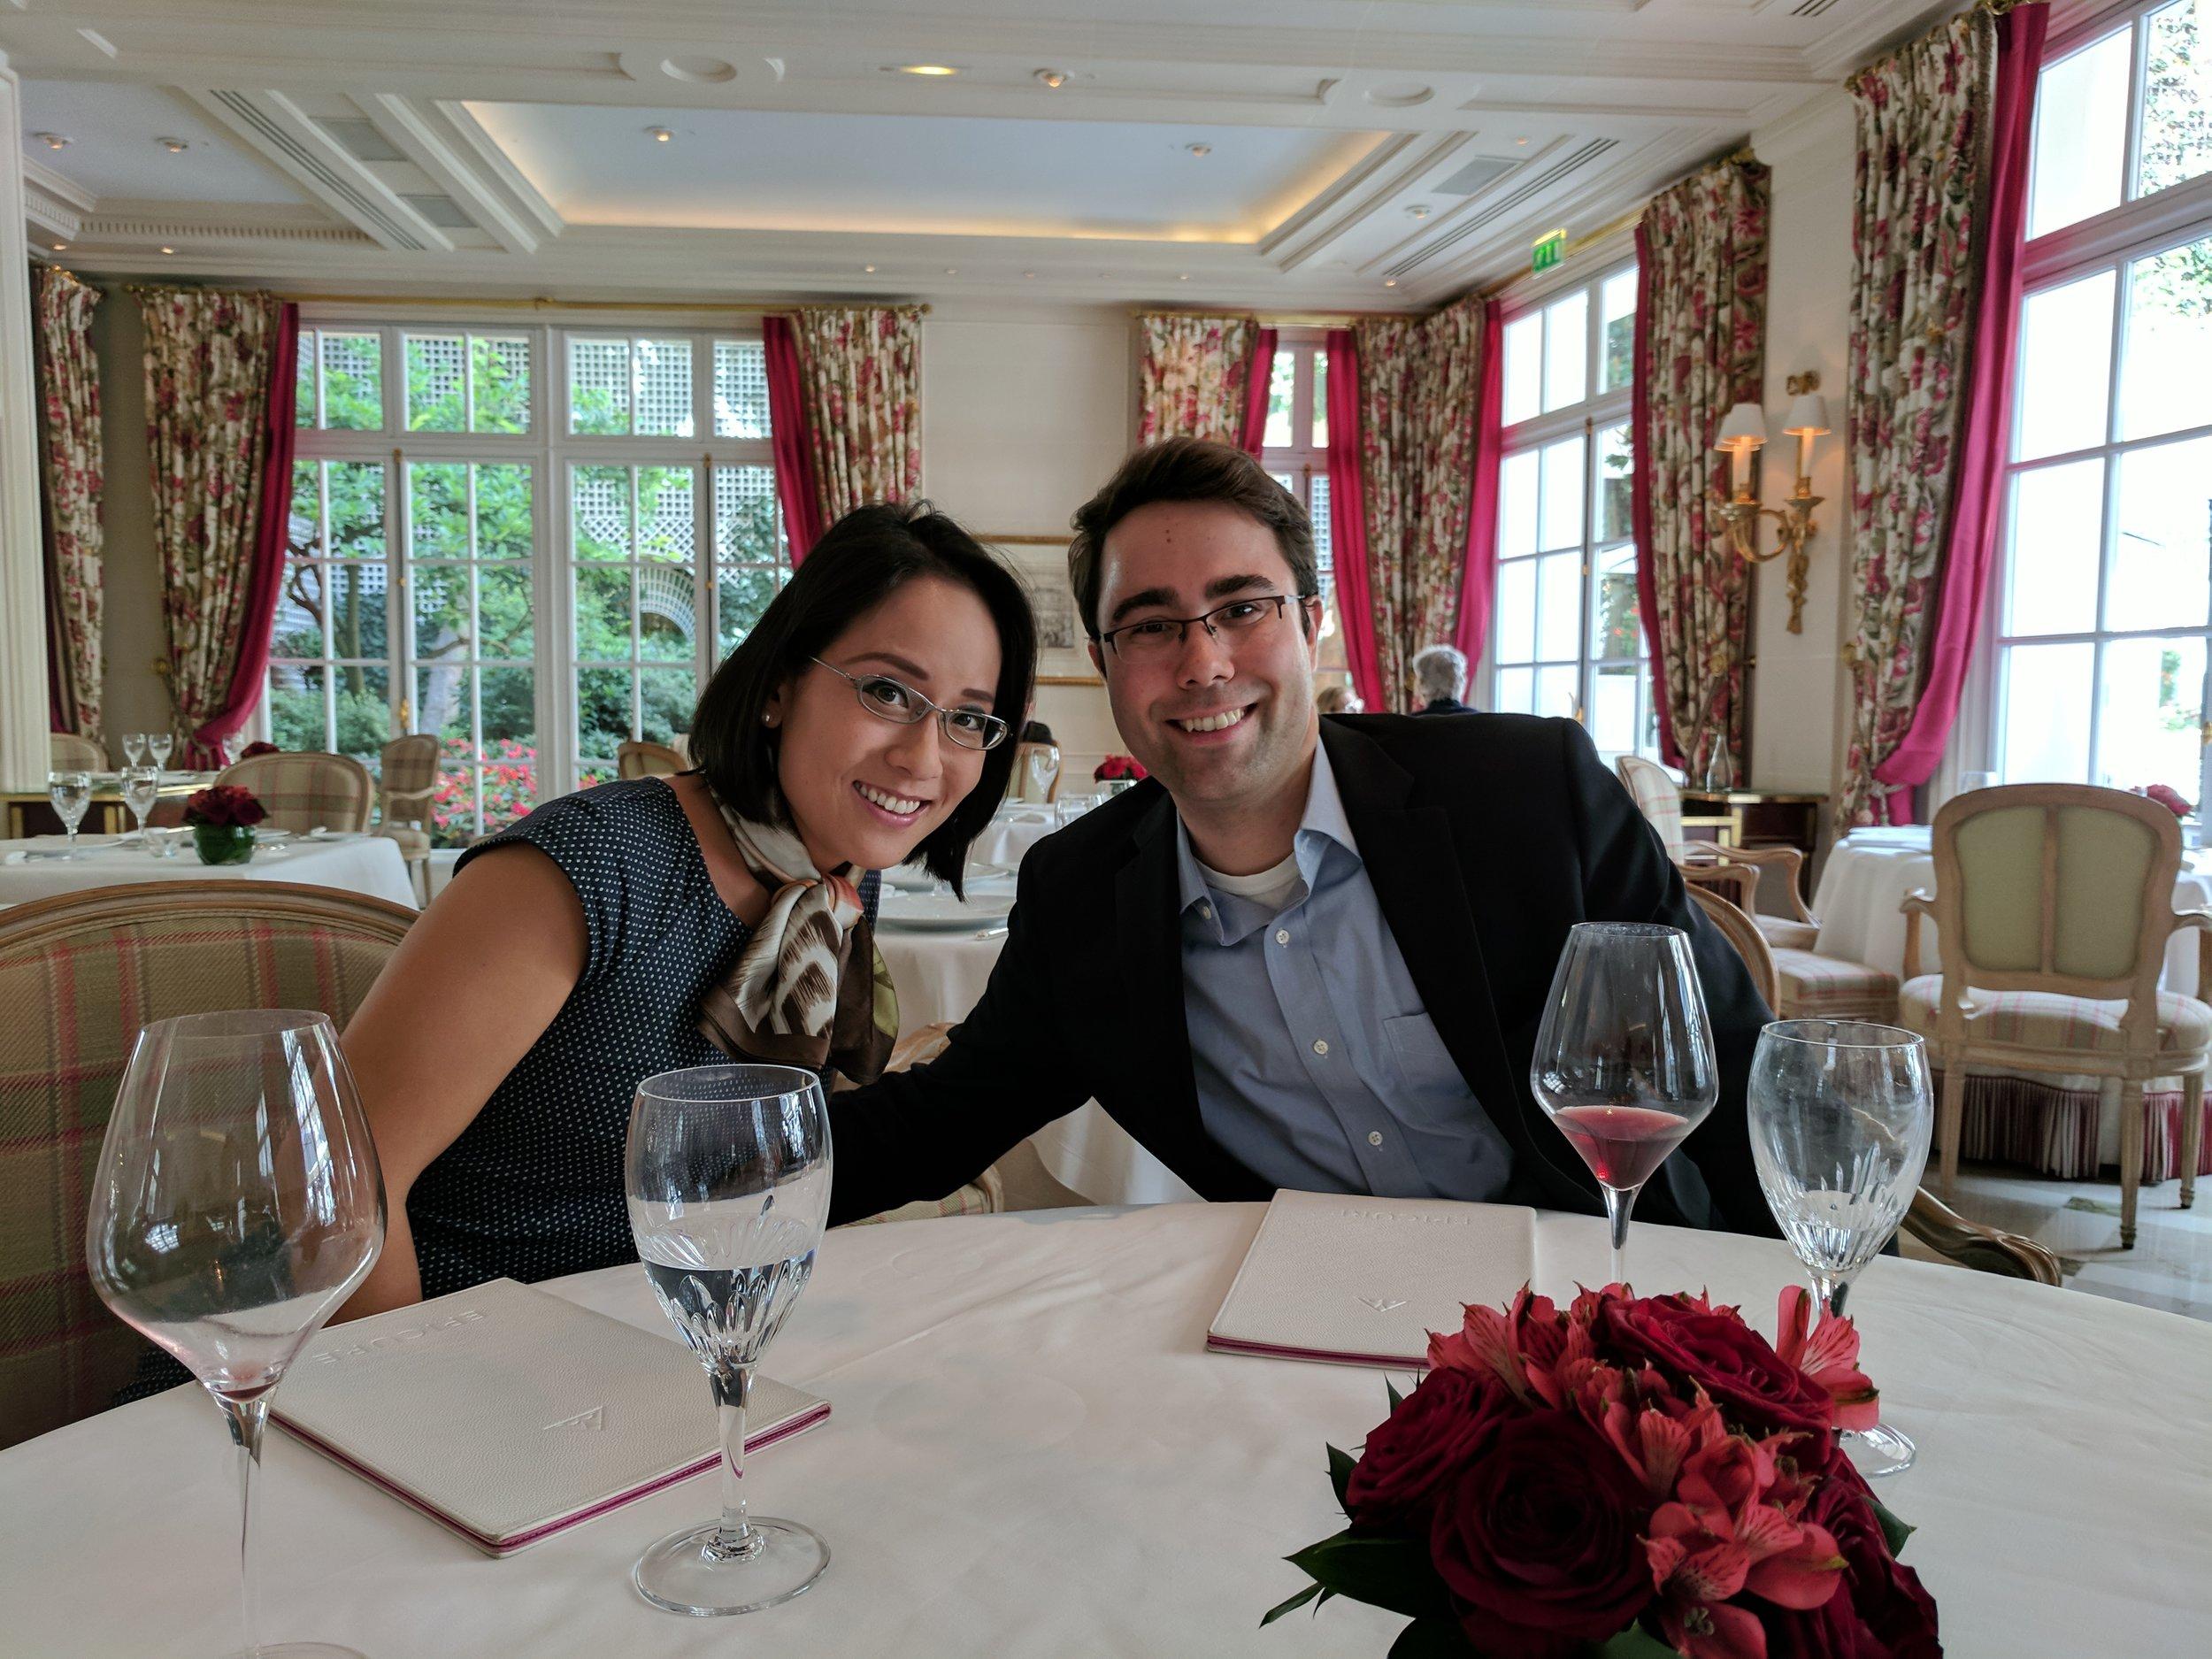 Janice Chik and Michael Breidenbach, Épicure, Paris